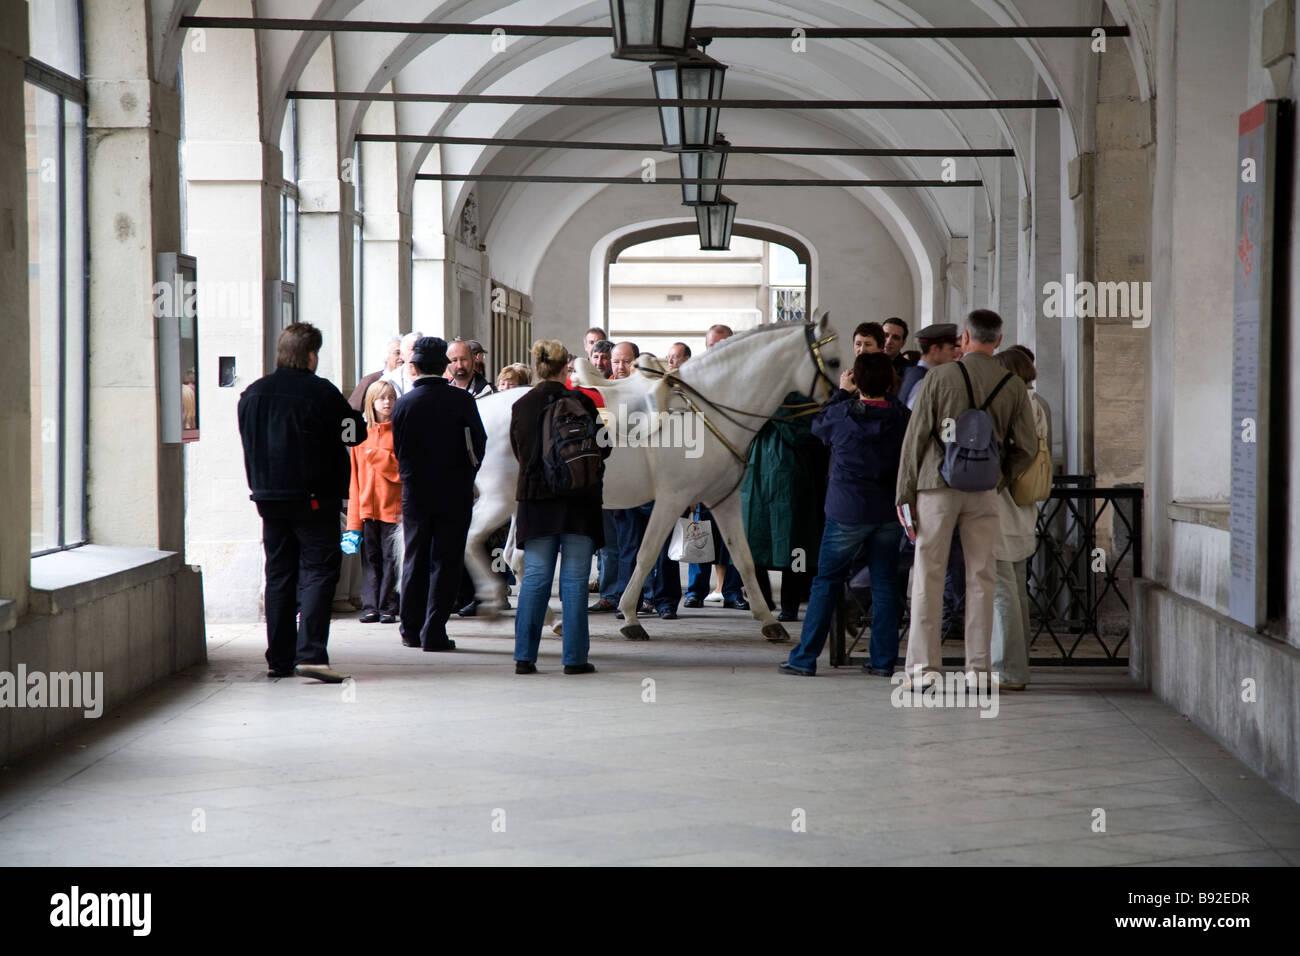 Cavalli in piombo per le prestazioni presso la Scuola di Equitazione Spagnola Spanische Reitschule Vienna Austria Immagini Stock